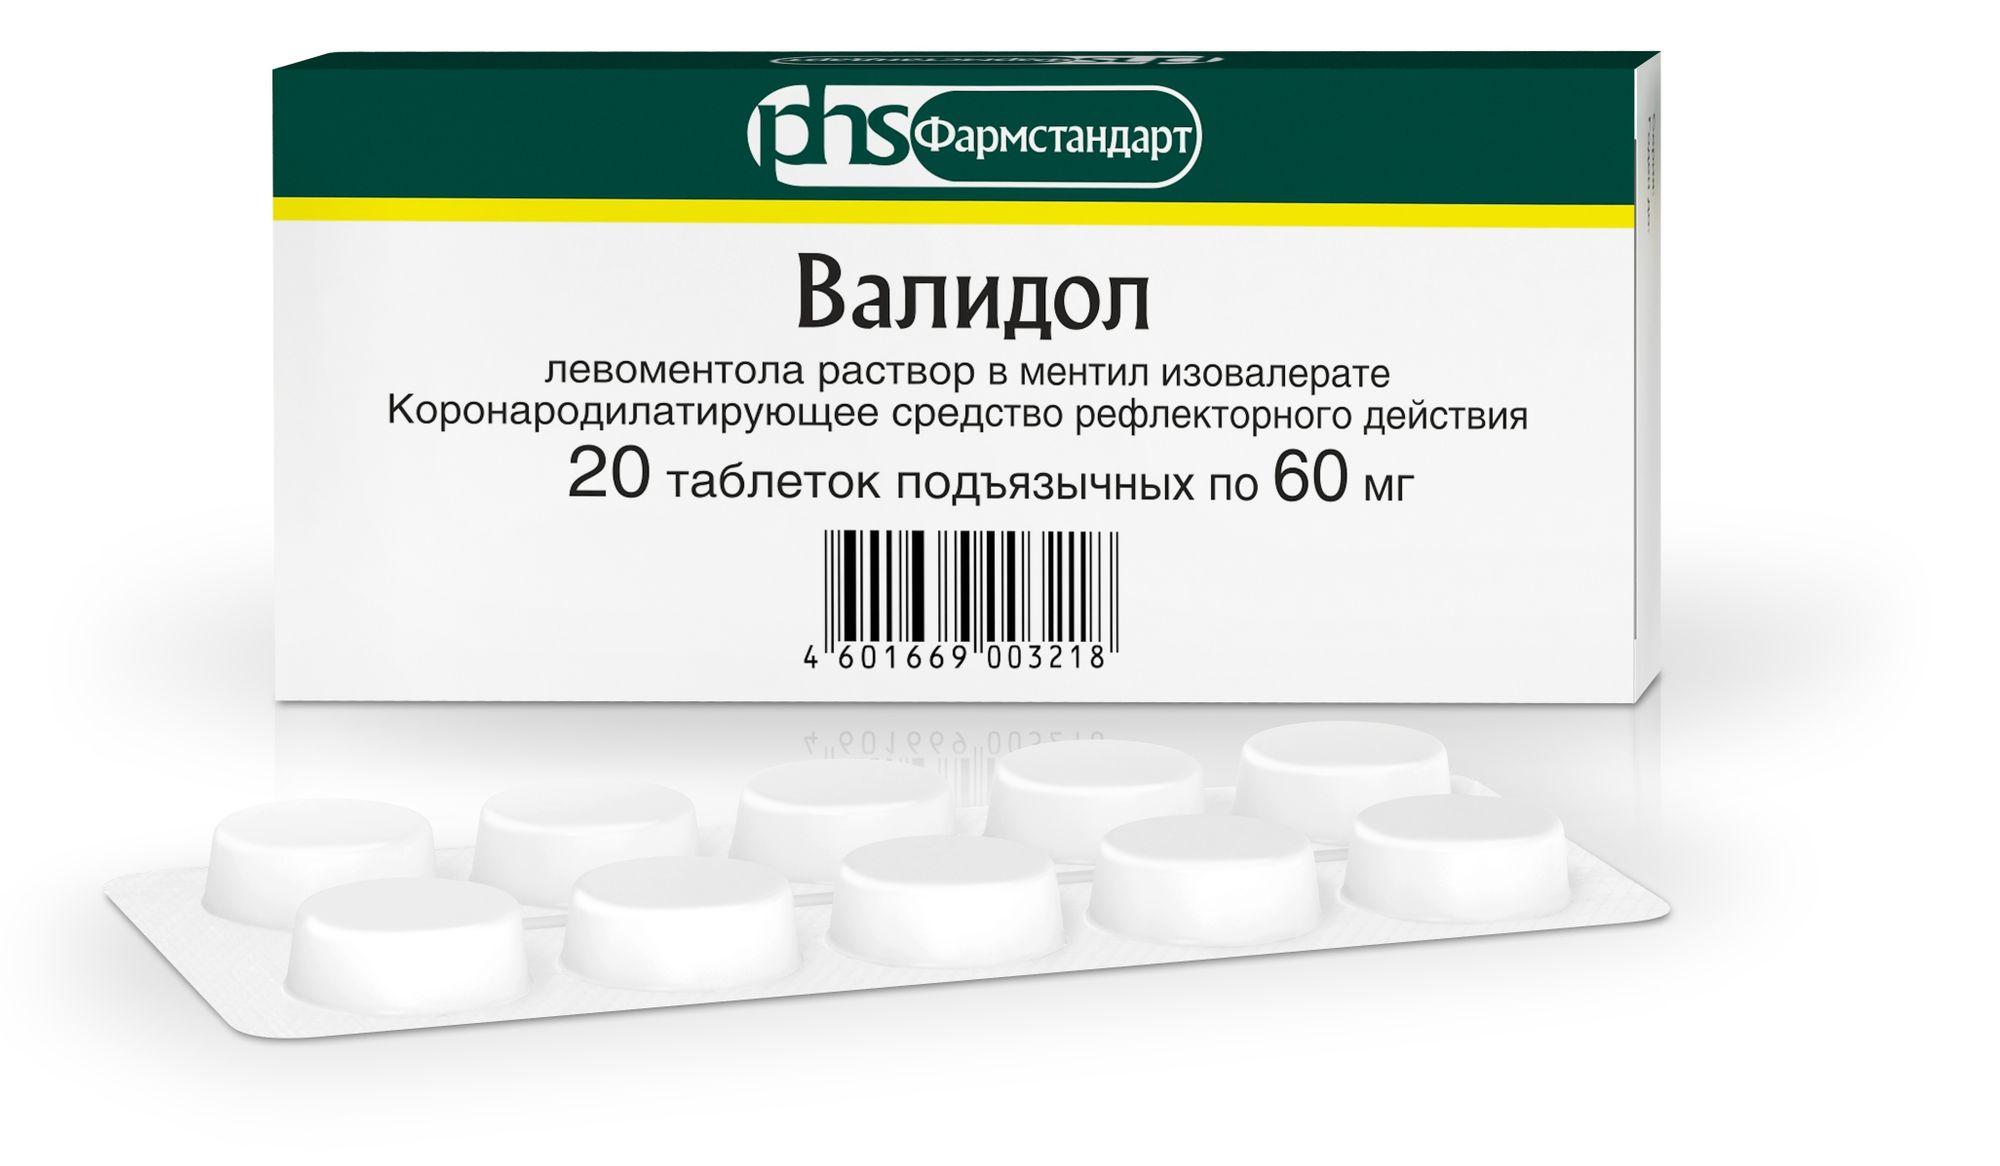 Валидол, 60 мг, таблетки подъязычные, 20 шт.